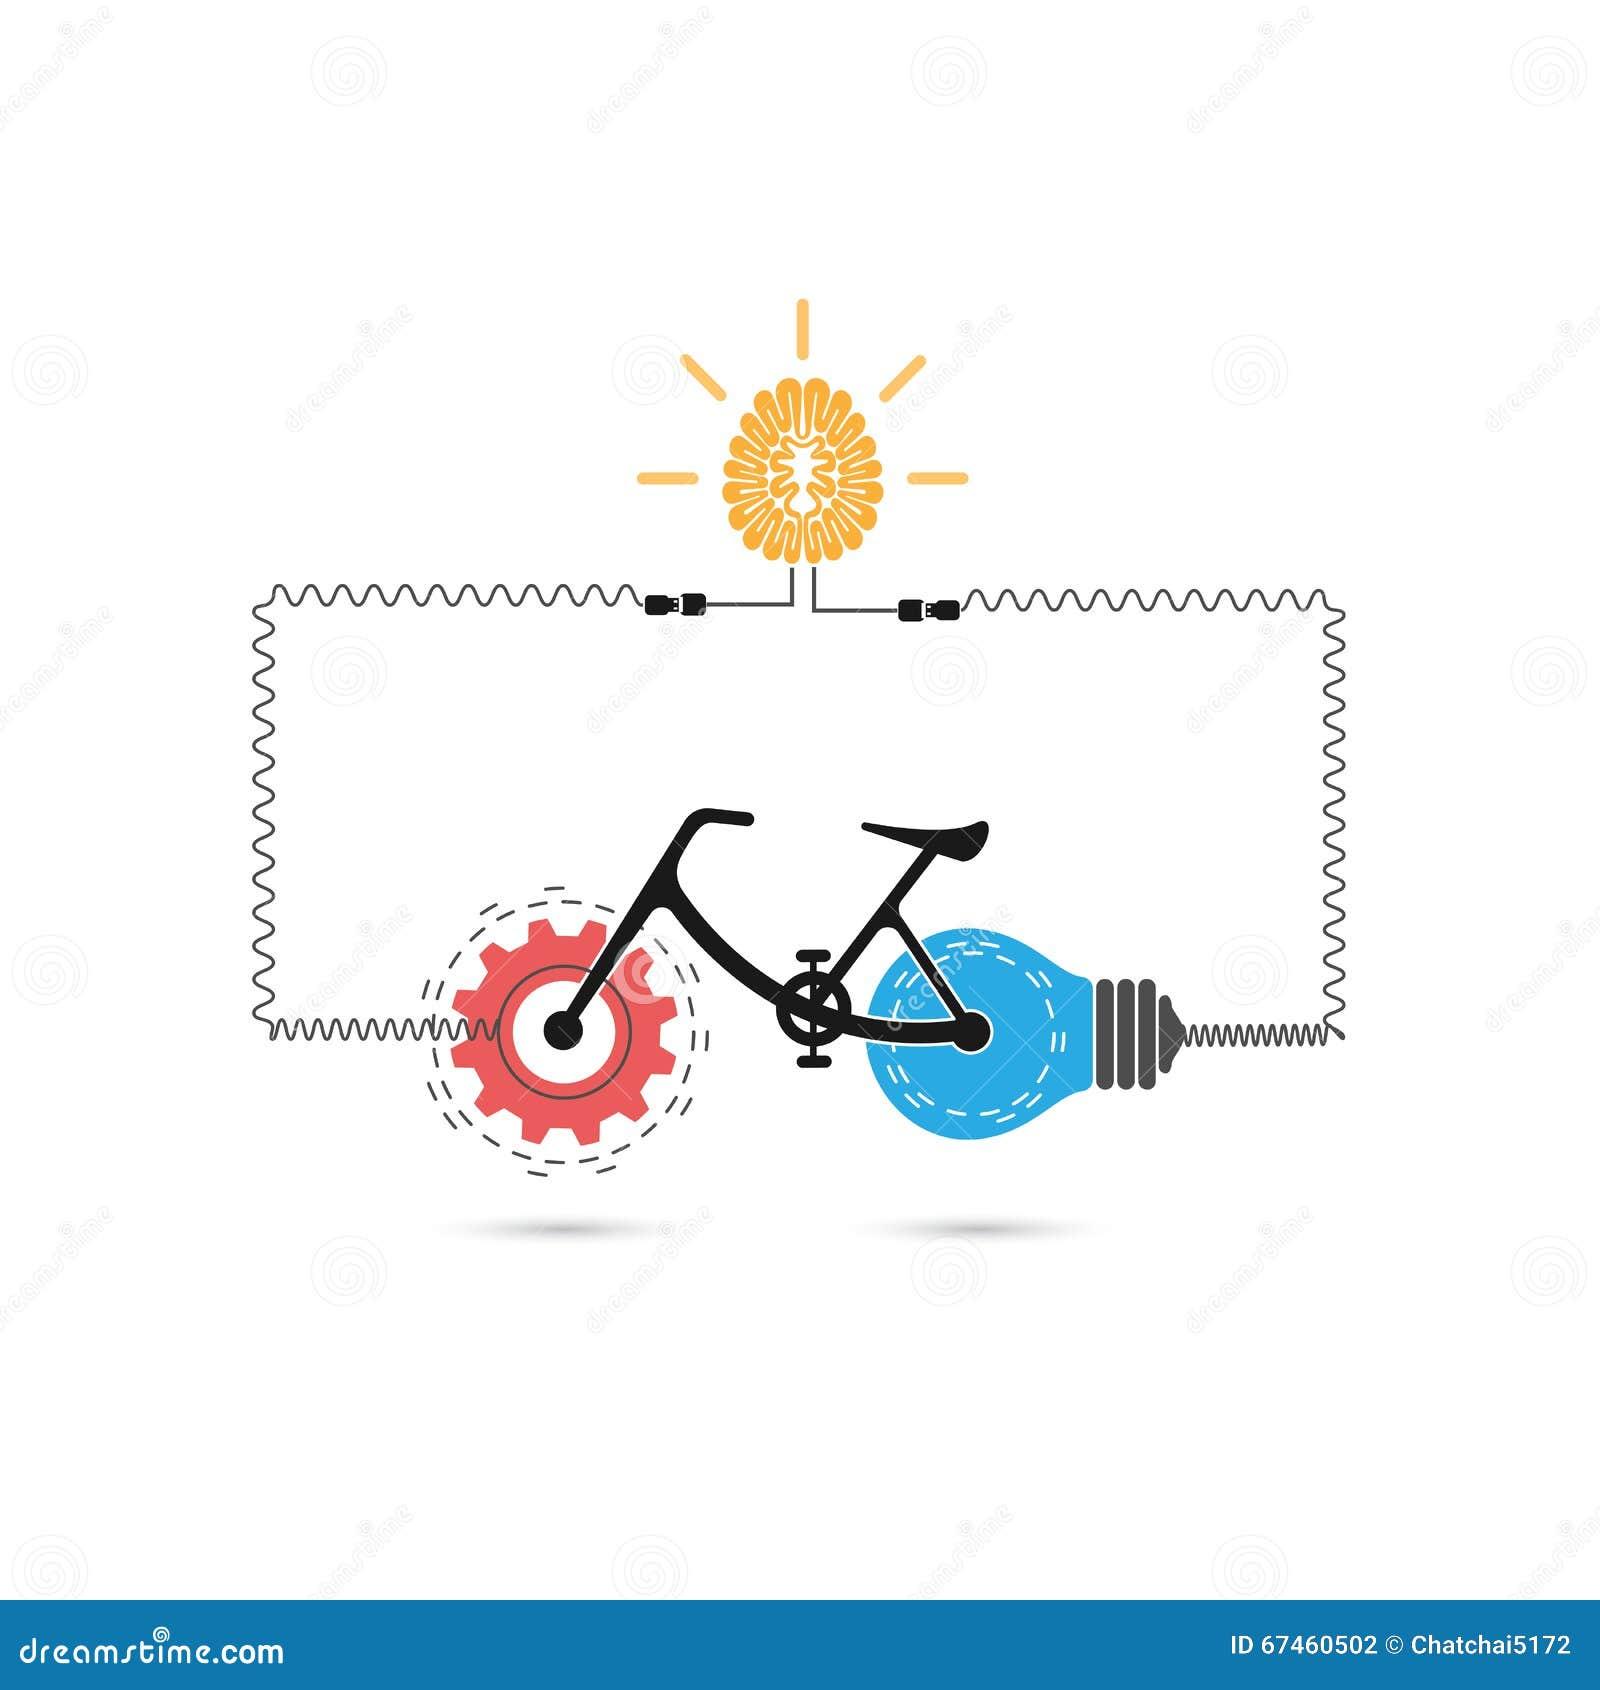 Creative Book Design Vector : Creative bicycle icon vector design stock image